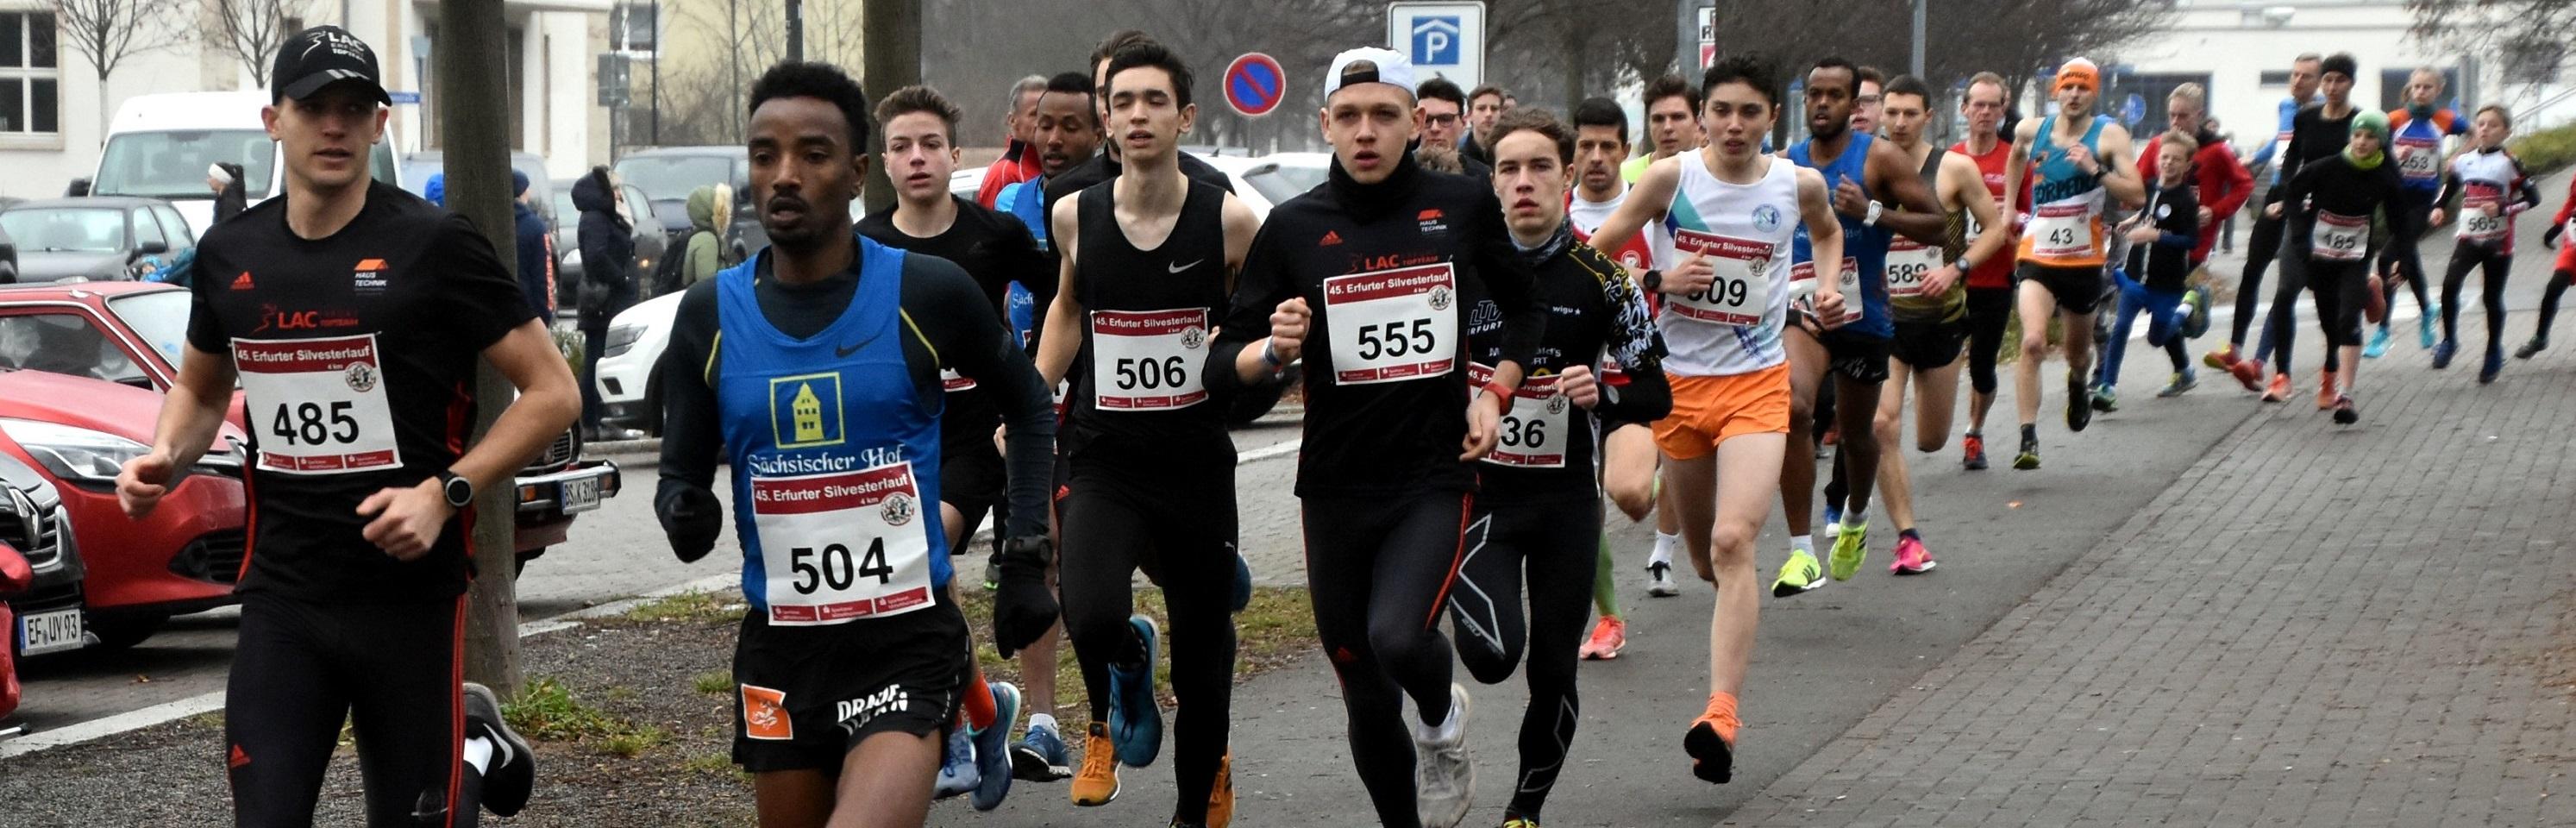 45. Erfurter Silvesterlauf: Zum Jubiläum einen Rekord